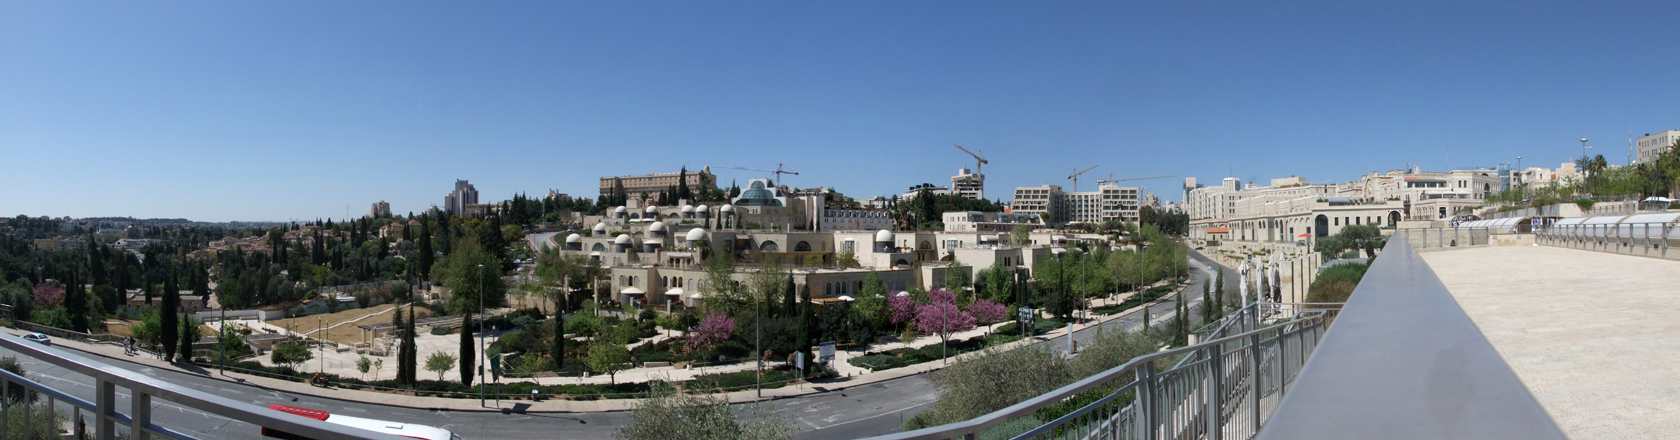 jerusalem vom jaffator aus gesehen, zu sehen im hintergrund das king david hotel